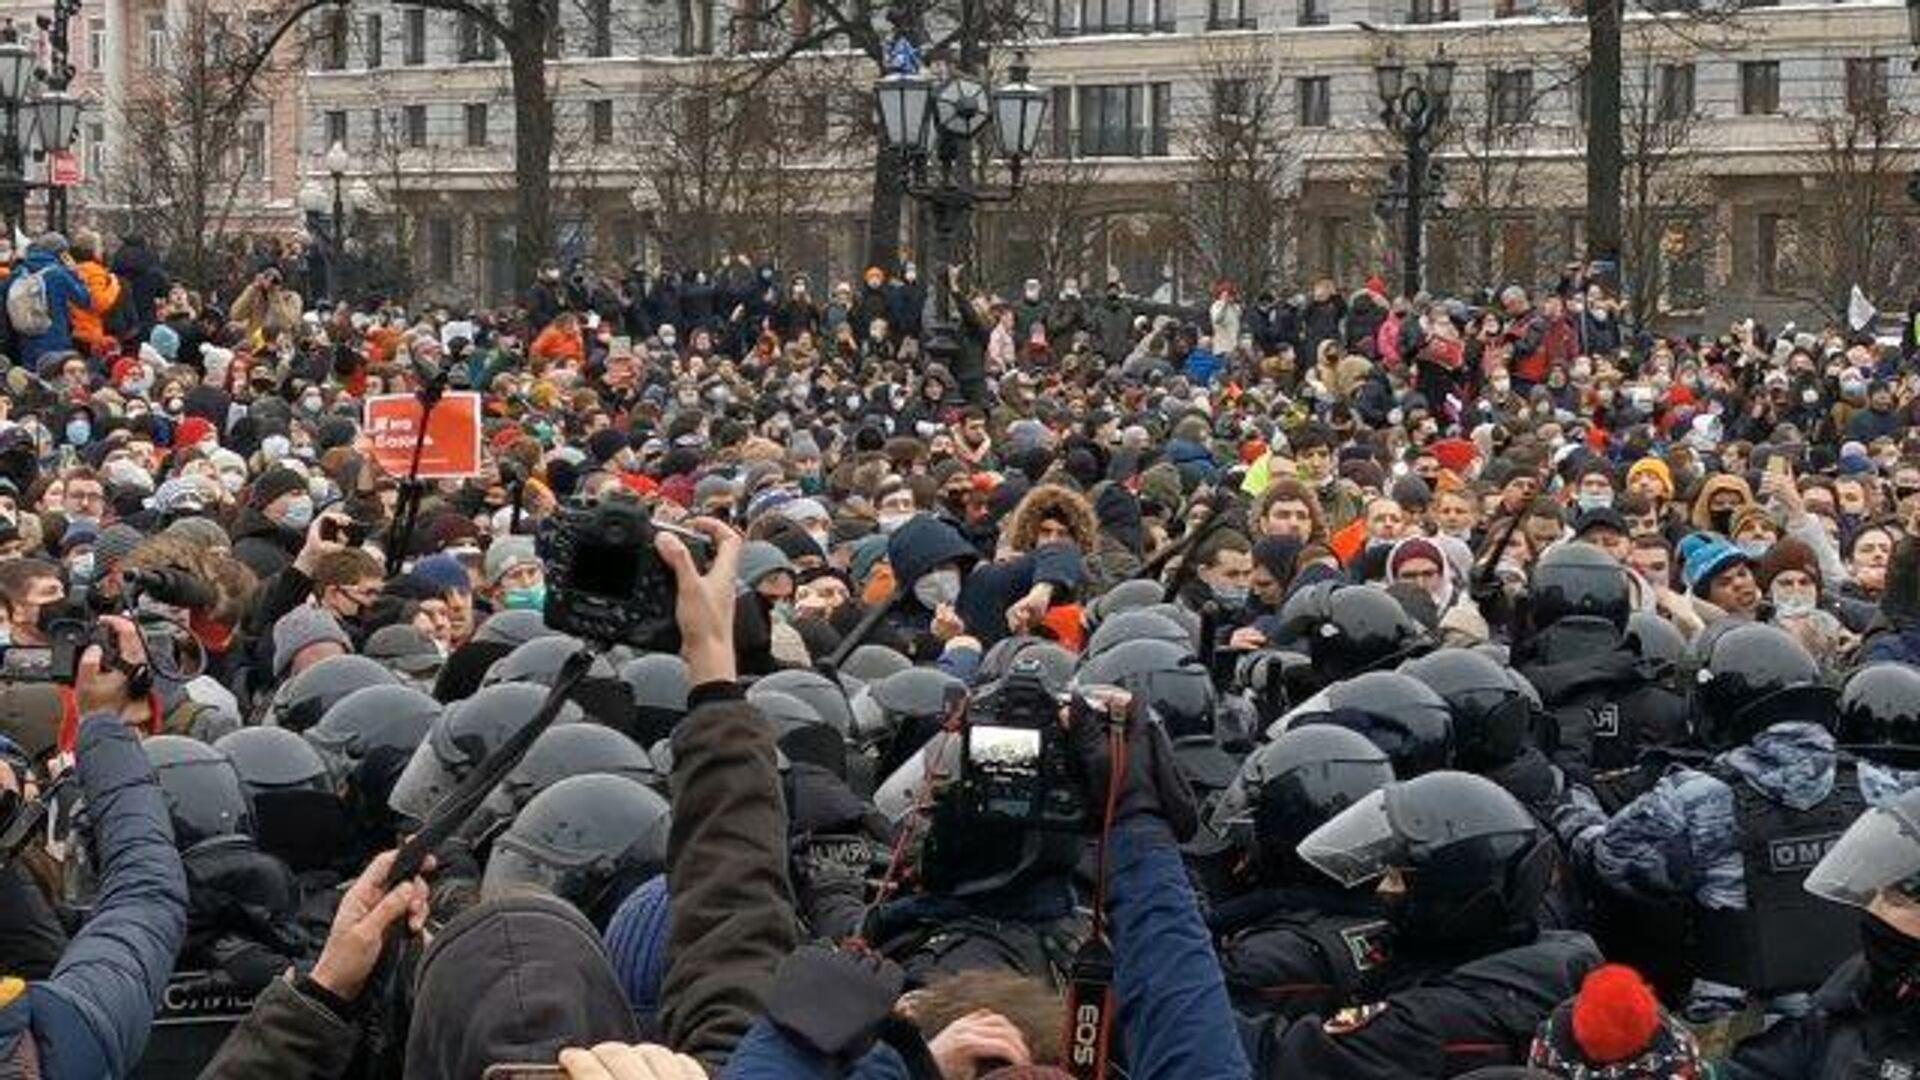 Беспорядки и задержания: по стране прокатились незаконные акции протеста  - РИА Новости, 1920, 24.01.2021